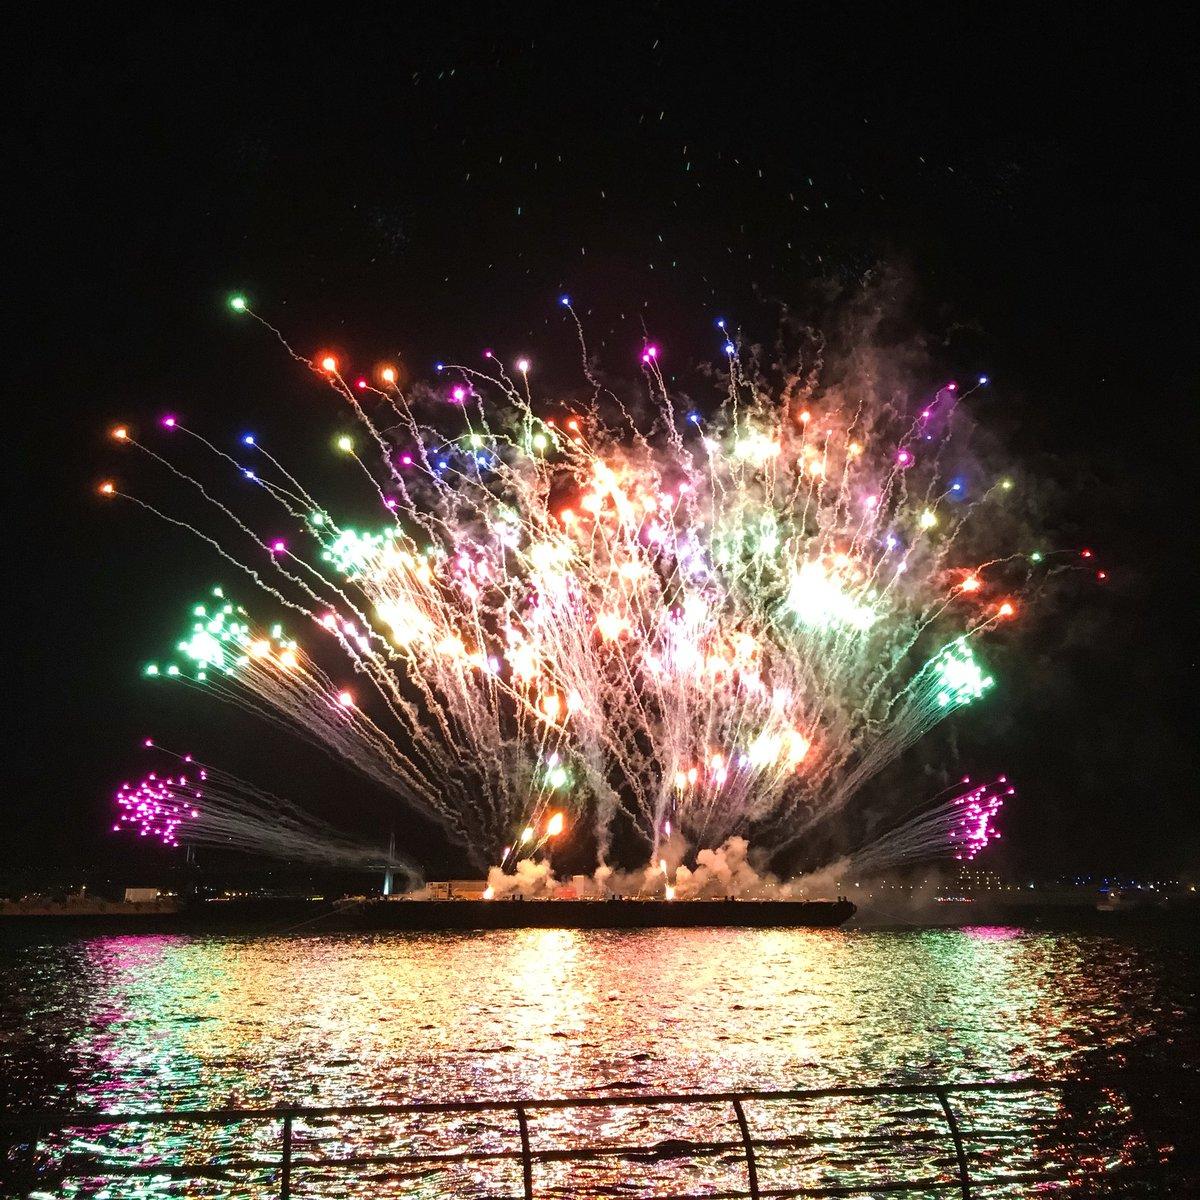 毎年恒例 夏さきどり横浜開港祭☆今年は夏にも花火見れる